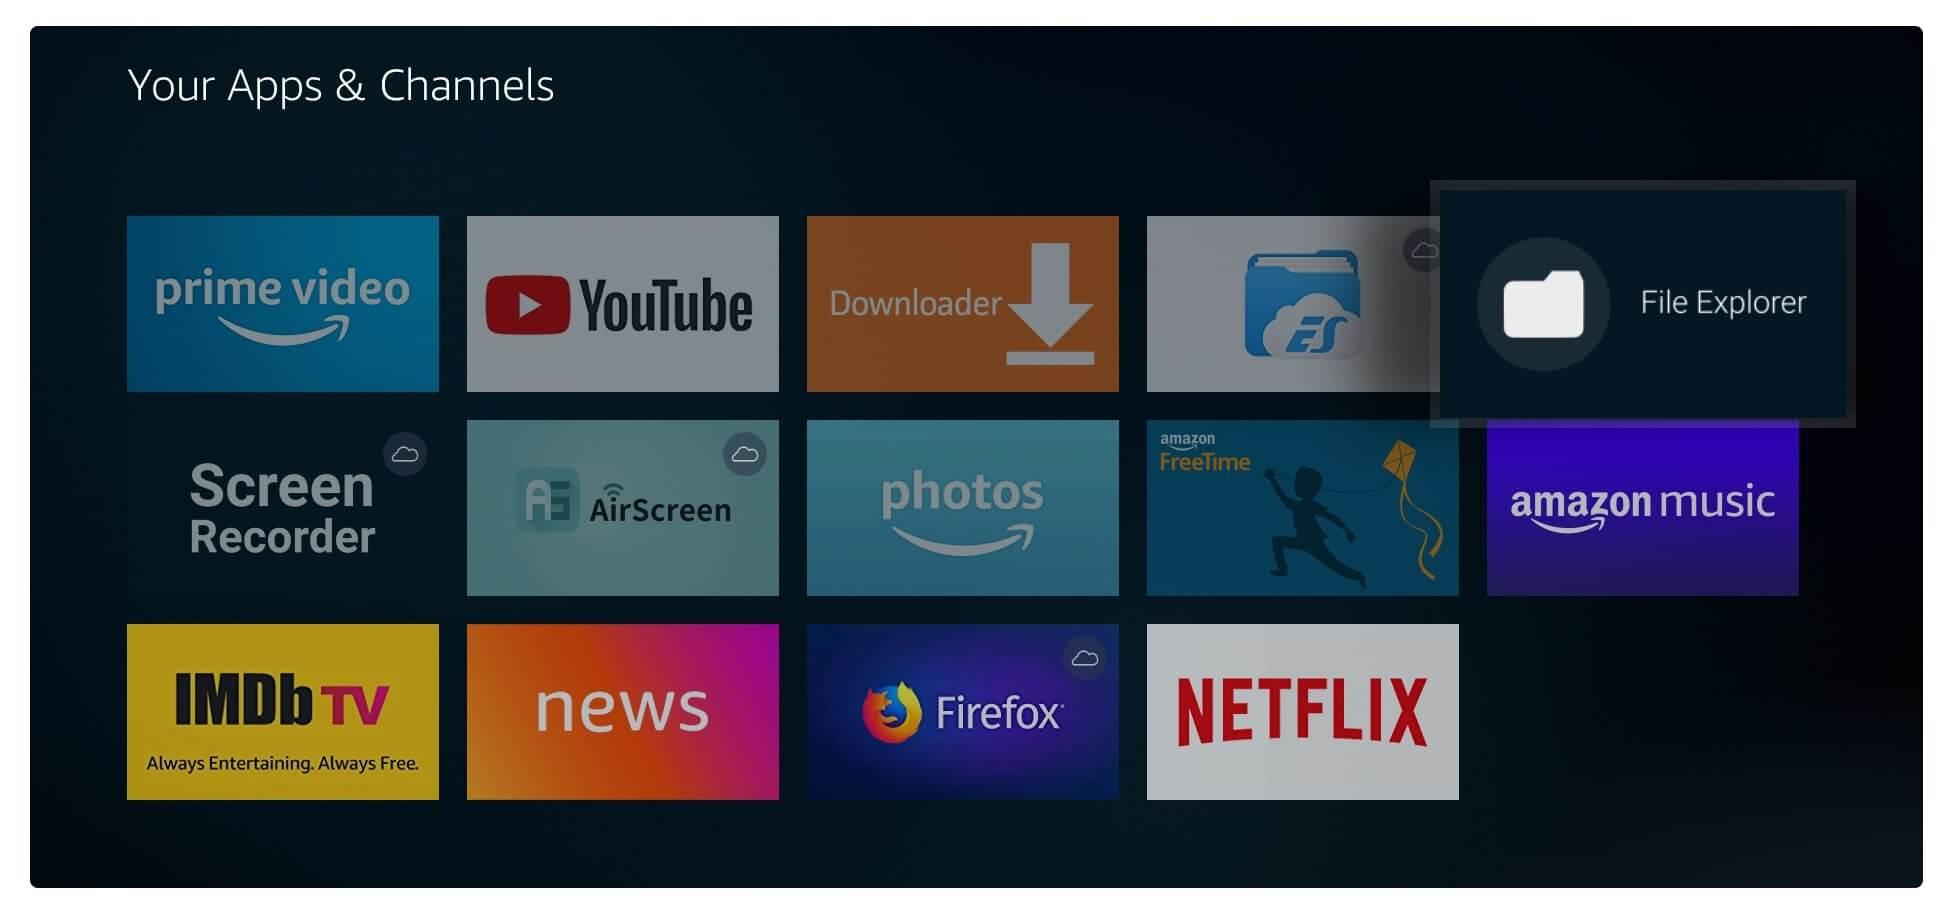 uninstall-app-on-firestick.jpg